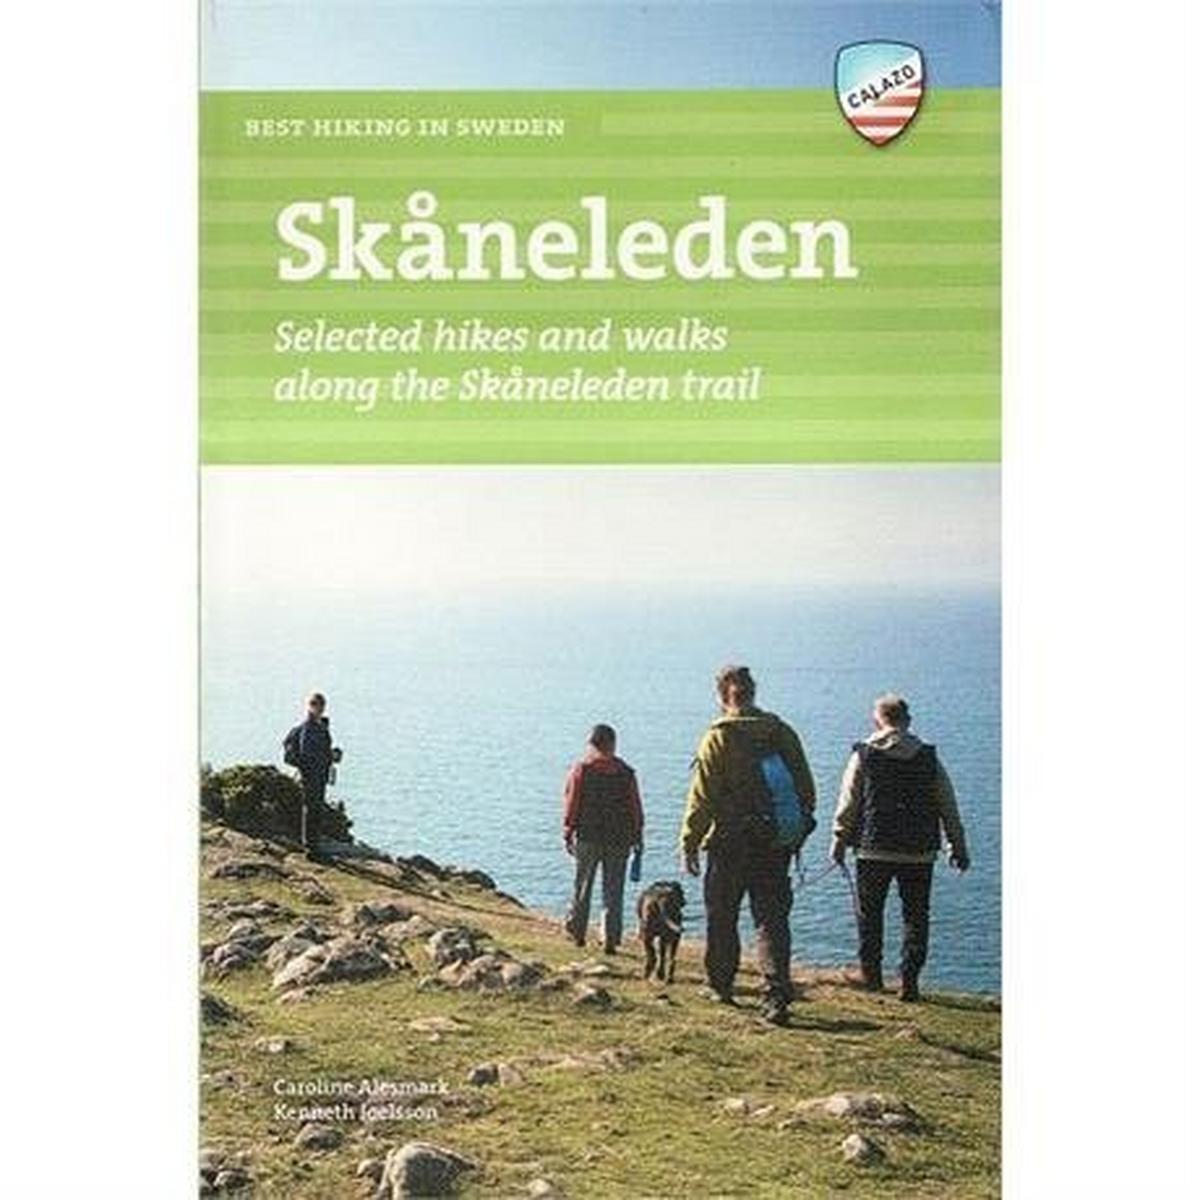 Miscellaneous Walking Guide Book: Best hiking in Sweden: Skaneleden